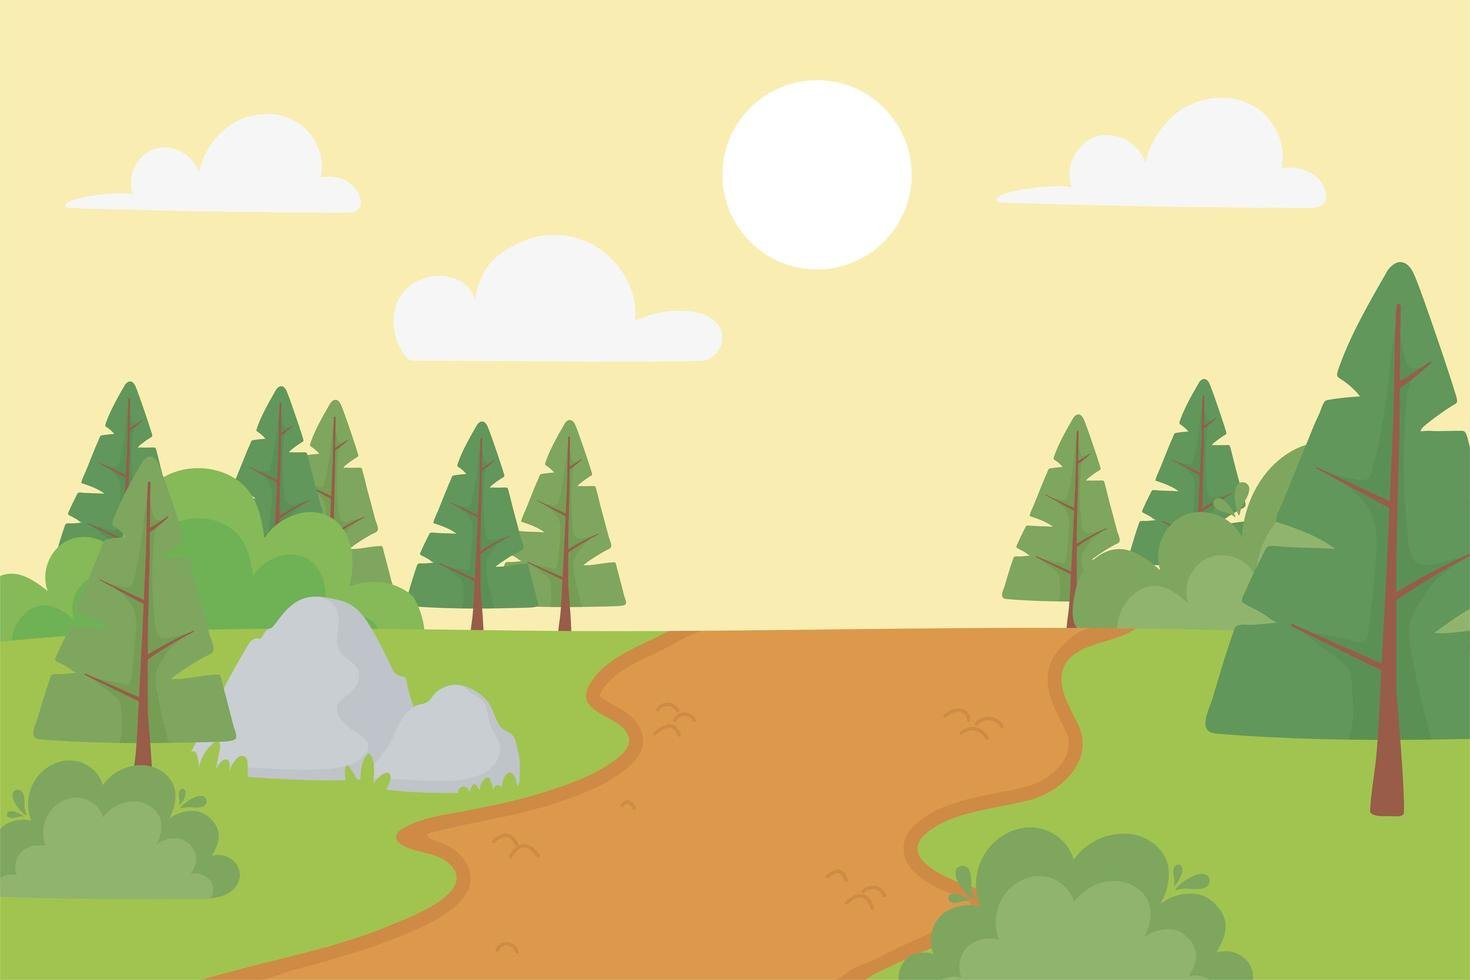 paisaje de pinos, caminos, piedras y arbustos vector